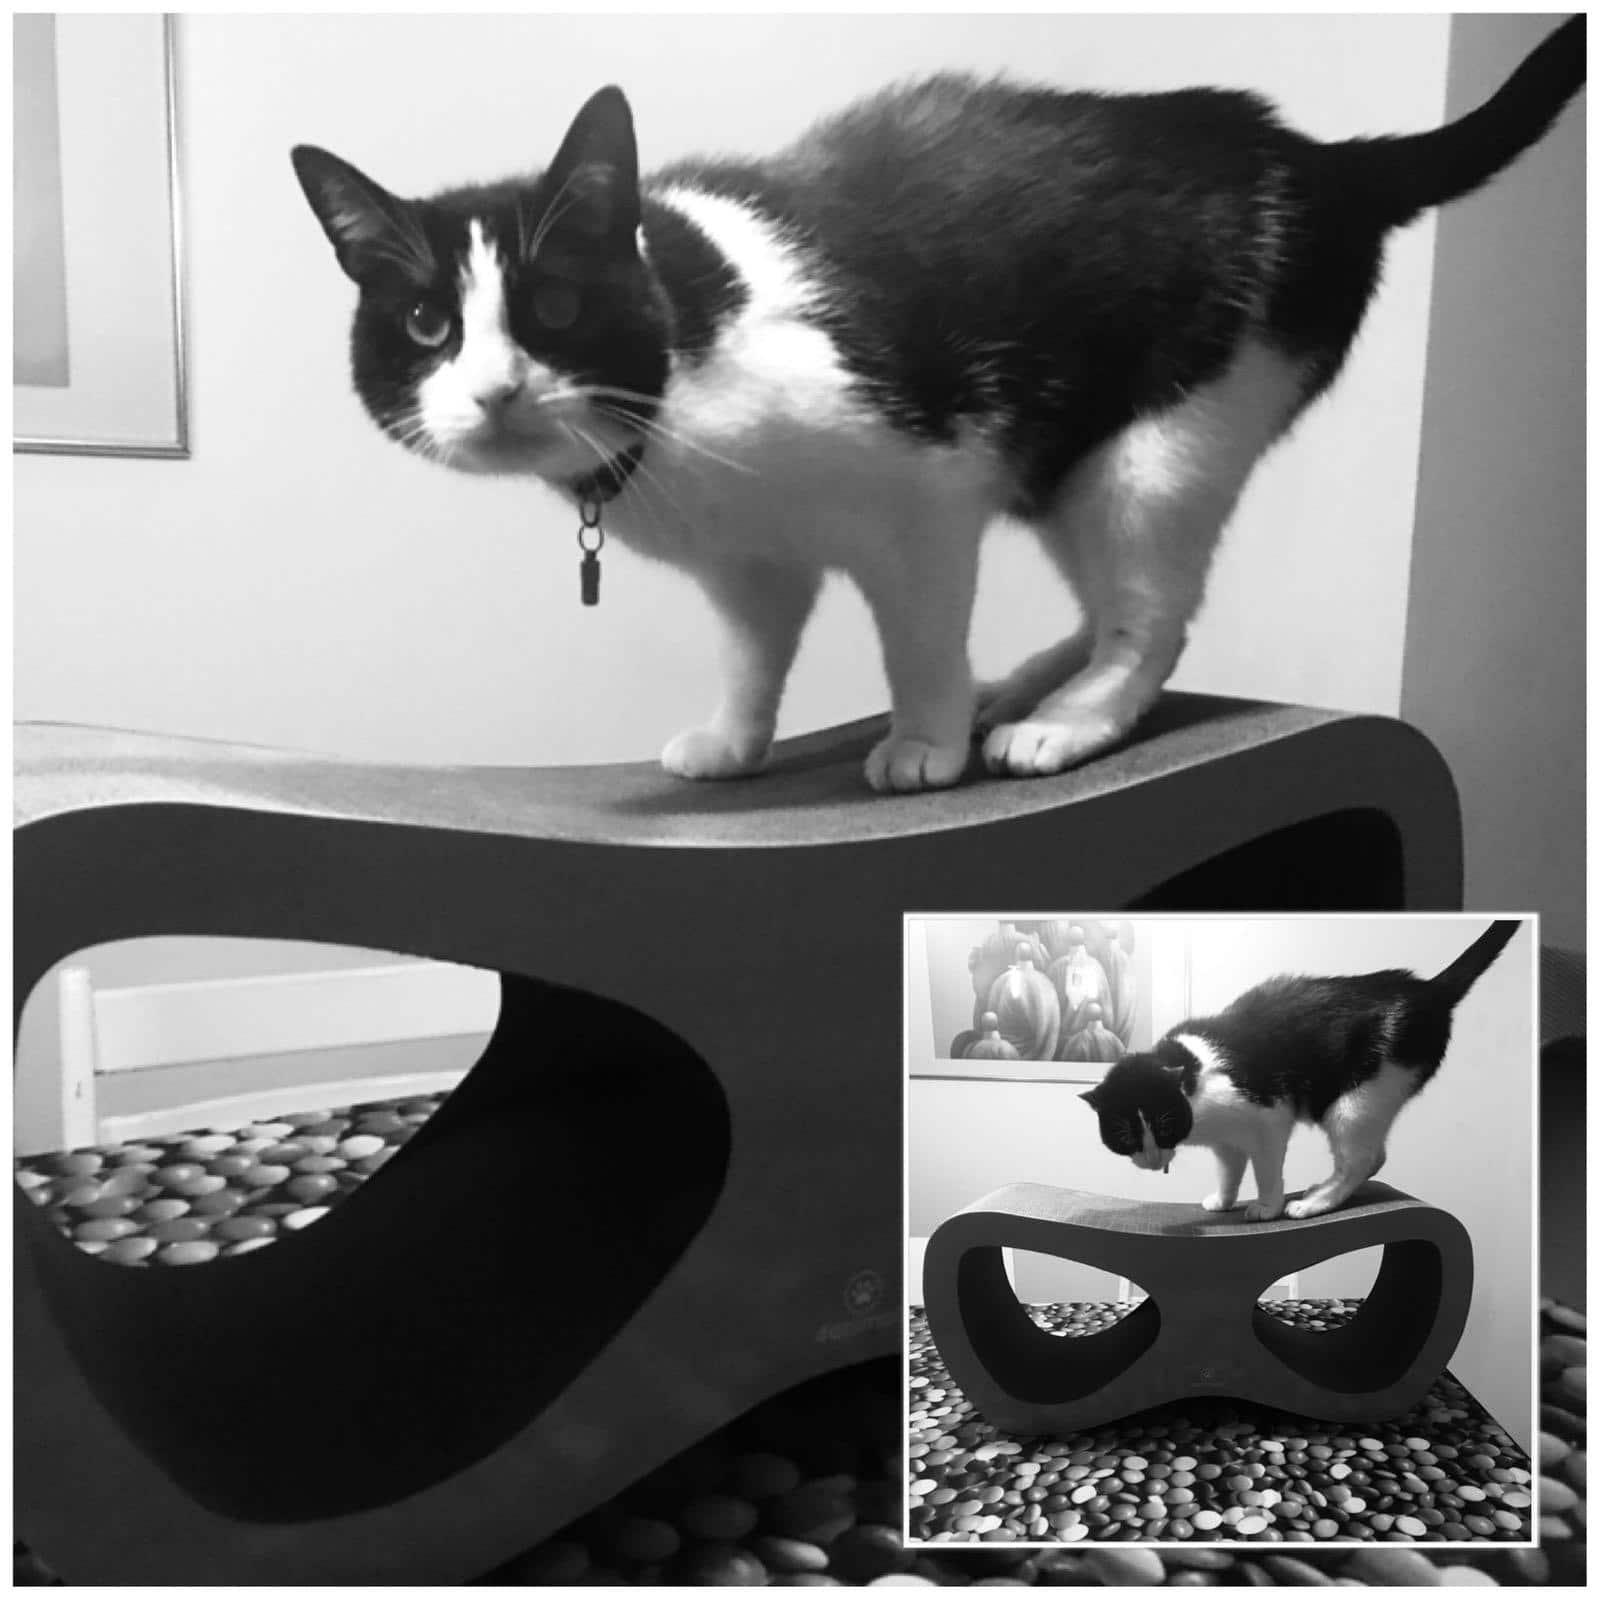 4animalz Lounge Black - kartonnen krabpaal voor katten - 69x24x29cm